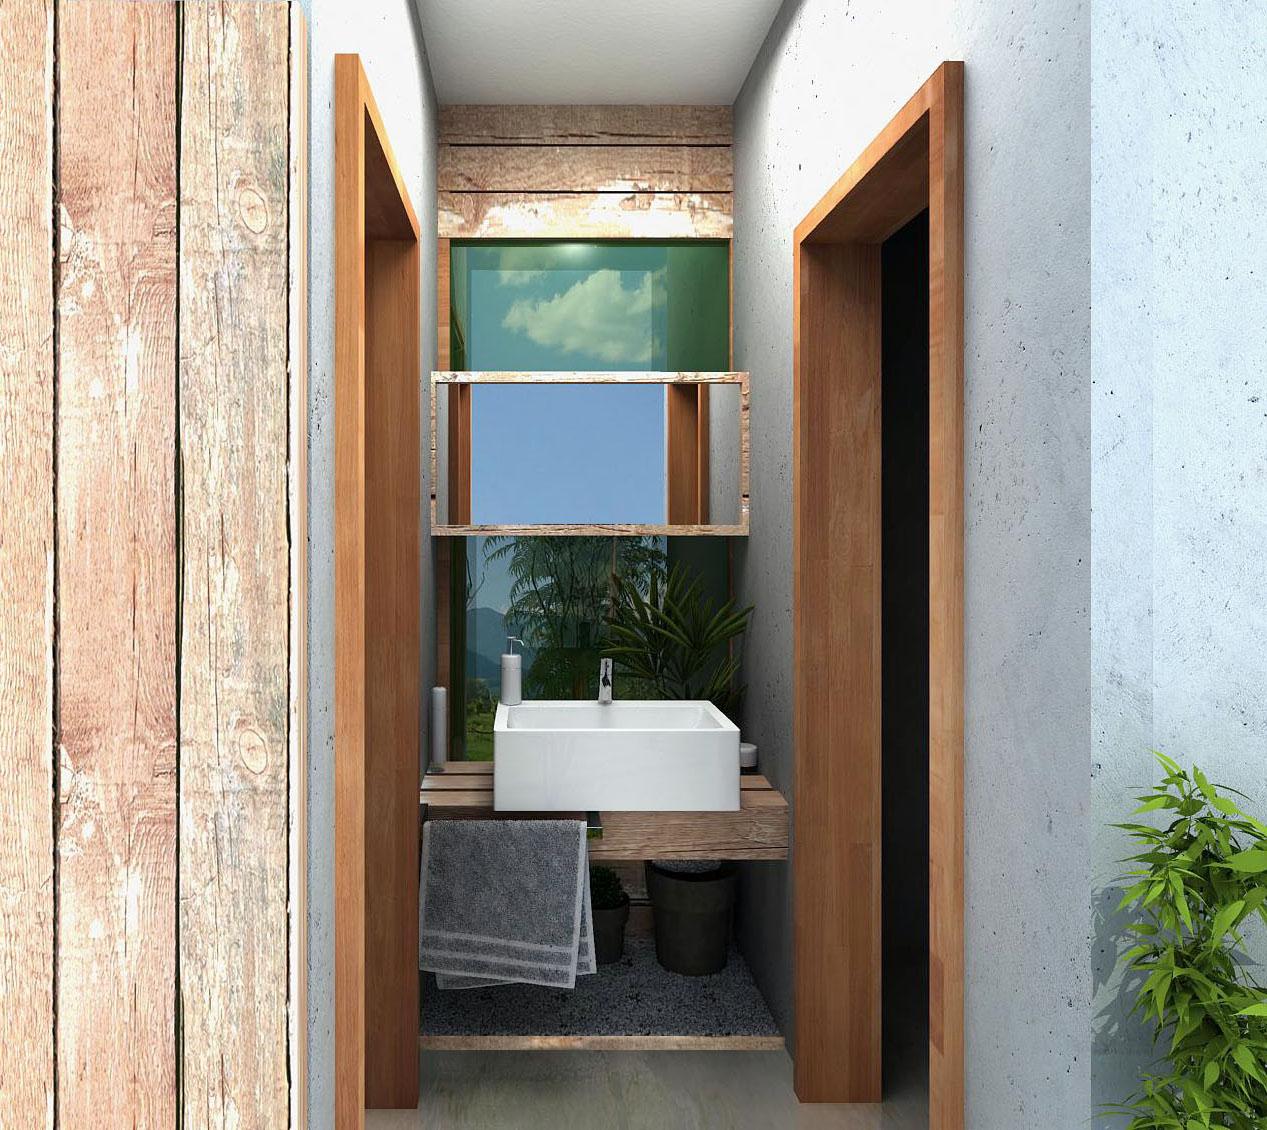 CasaEco Arquitetura e Design: Projeto para um pequeno espaço #936238 1267 1130